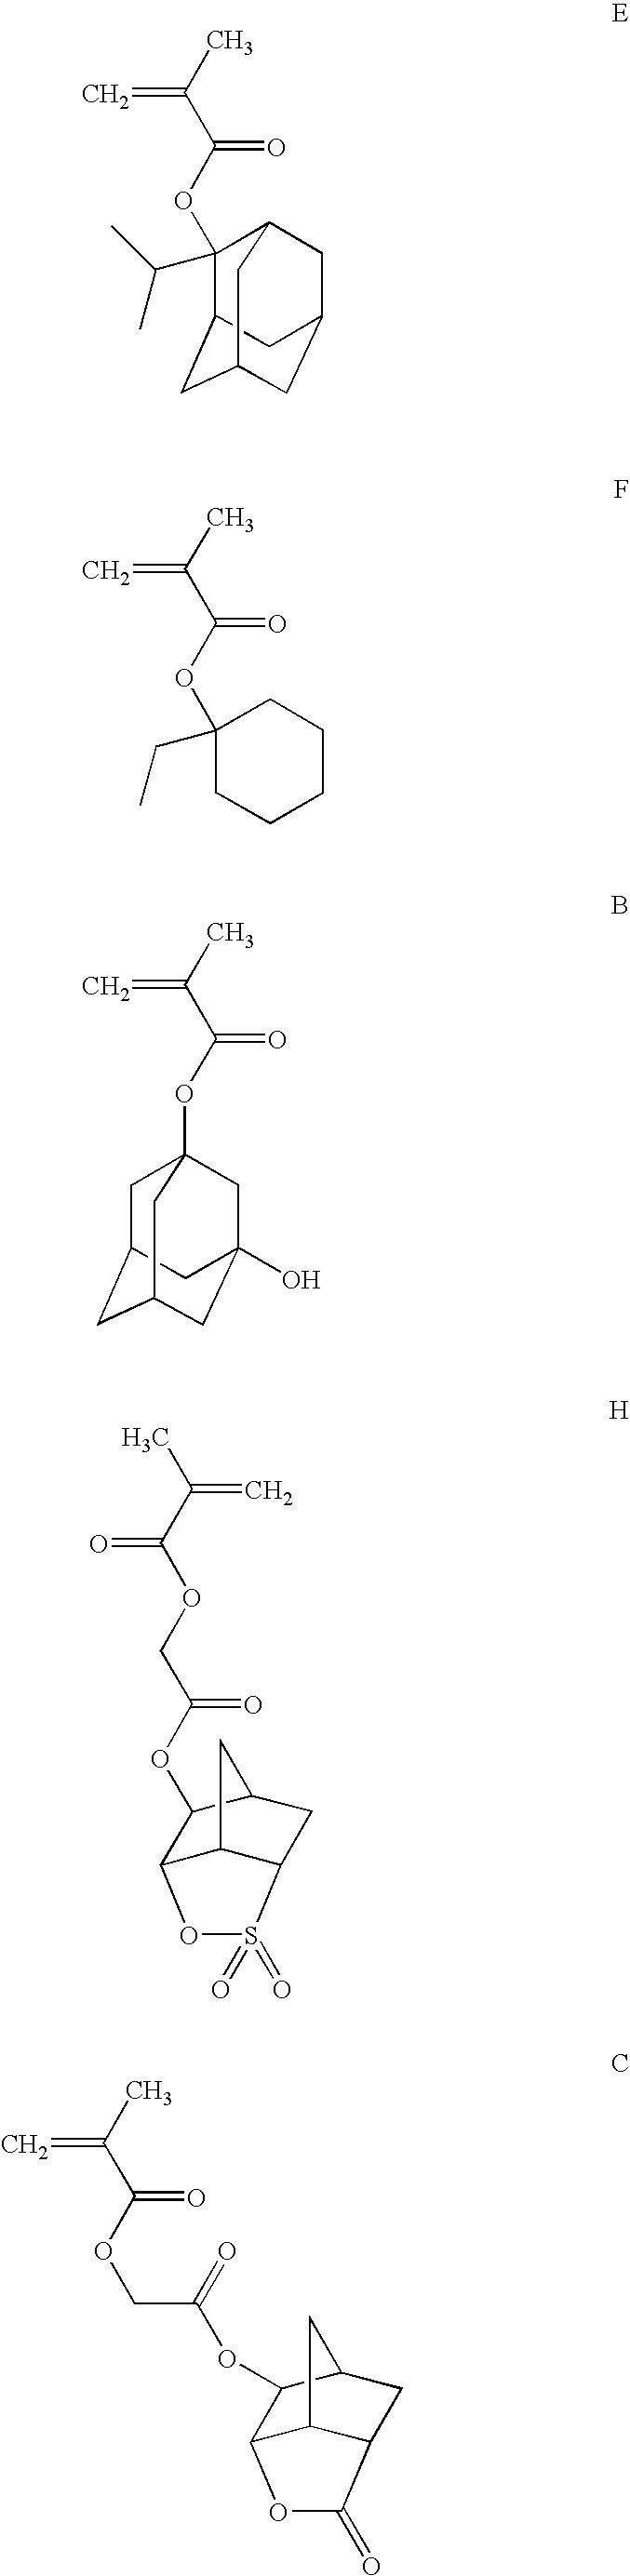 Figure US20100323296A1-20101223-C00173